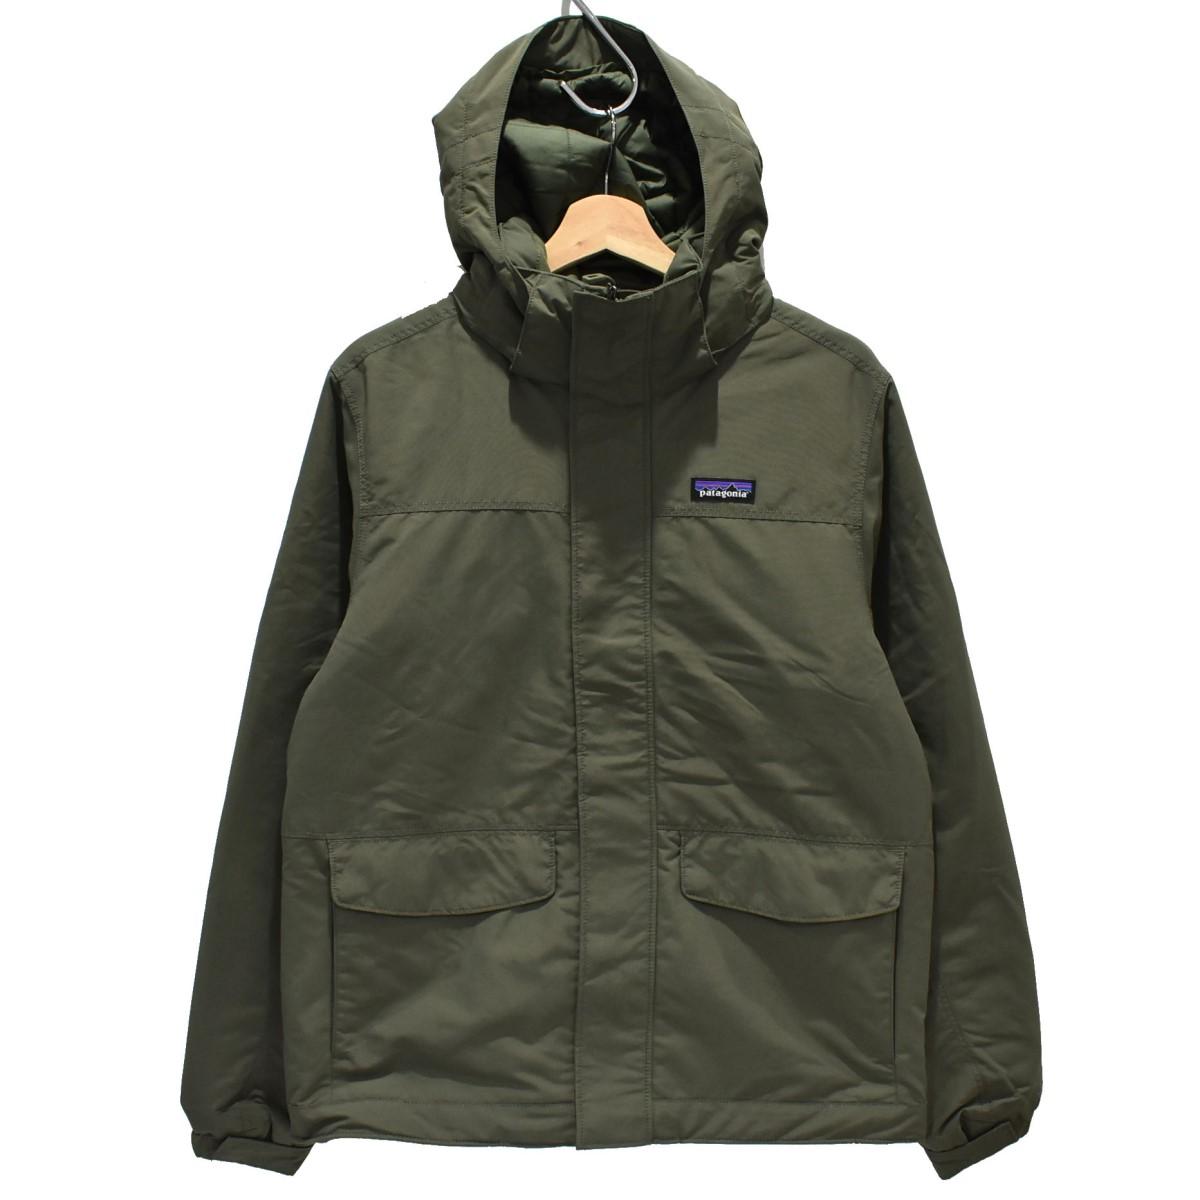 【中古】patagonia 19AW Isthmus Jacket イスマスジャケット オリーブ サイズ:S 【280820】(パタゴニア)